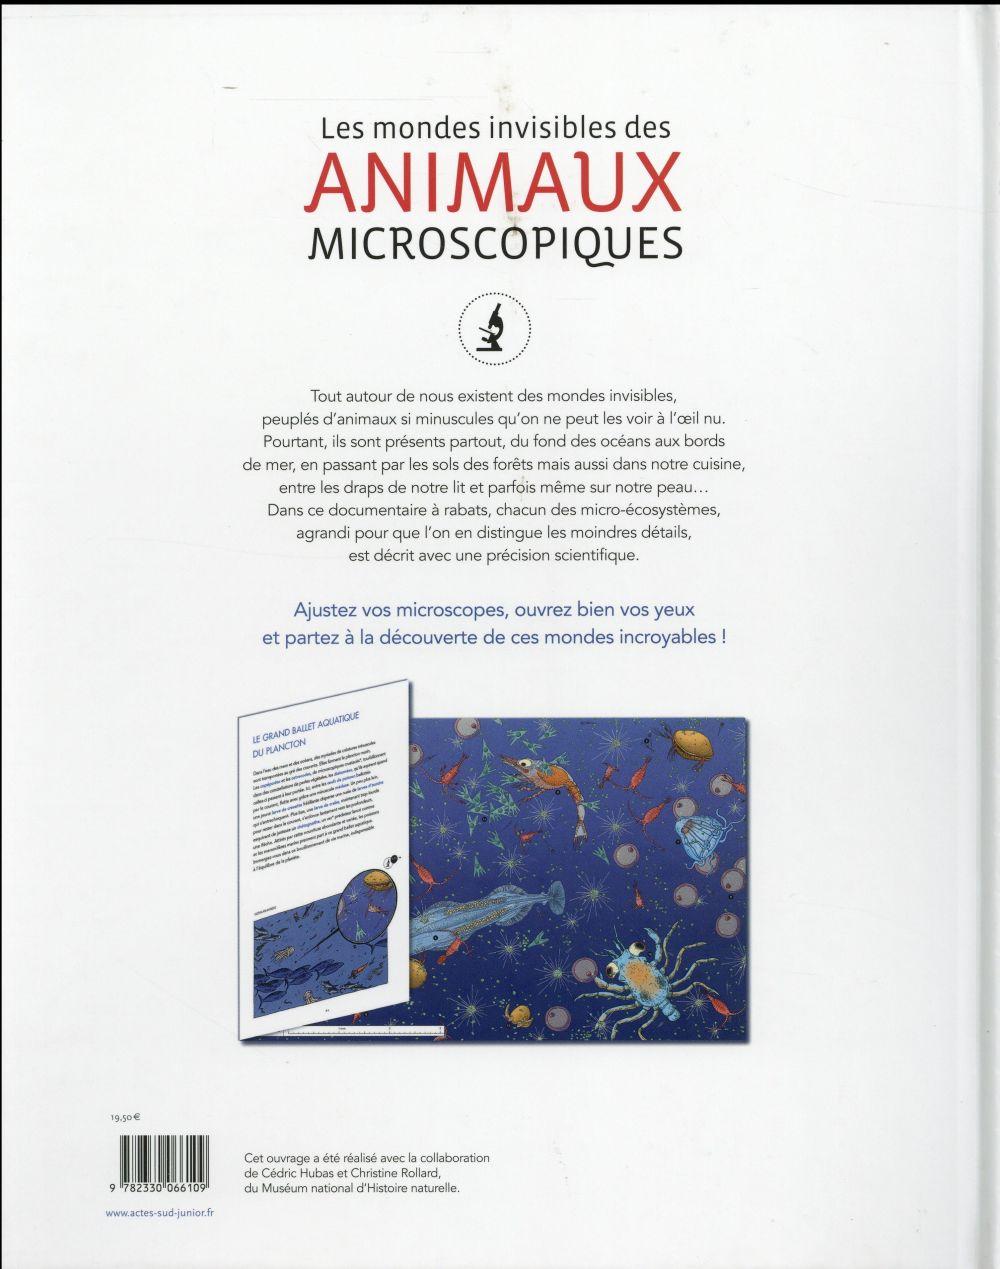 Les mondes invisibles des animaux microscopiques